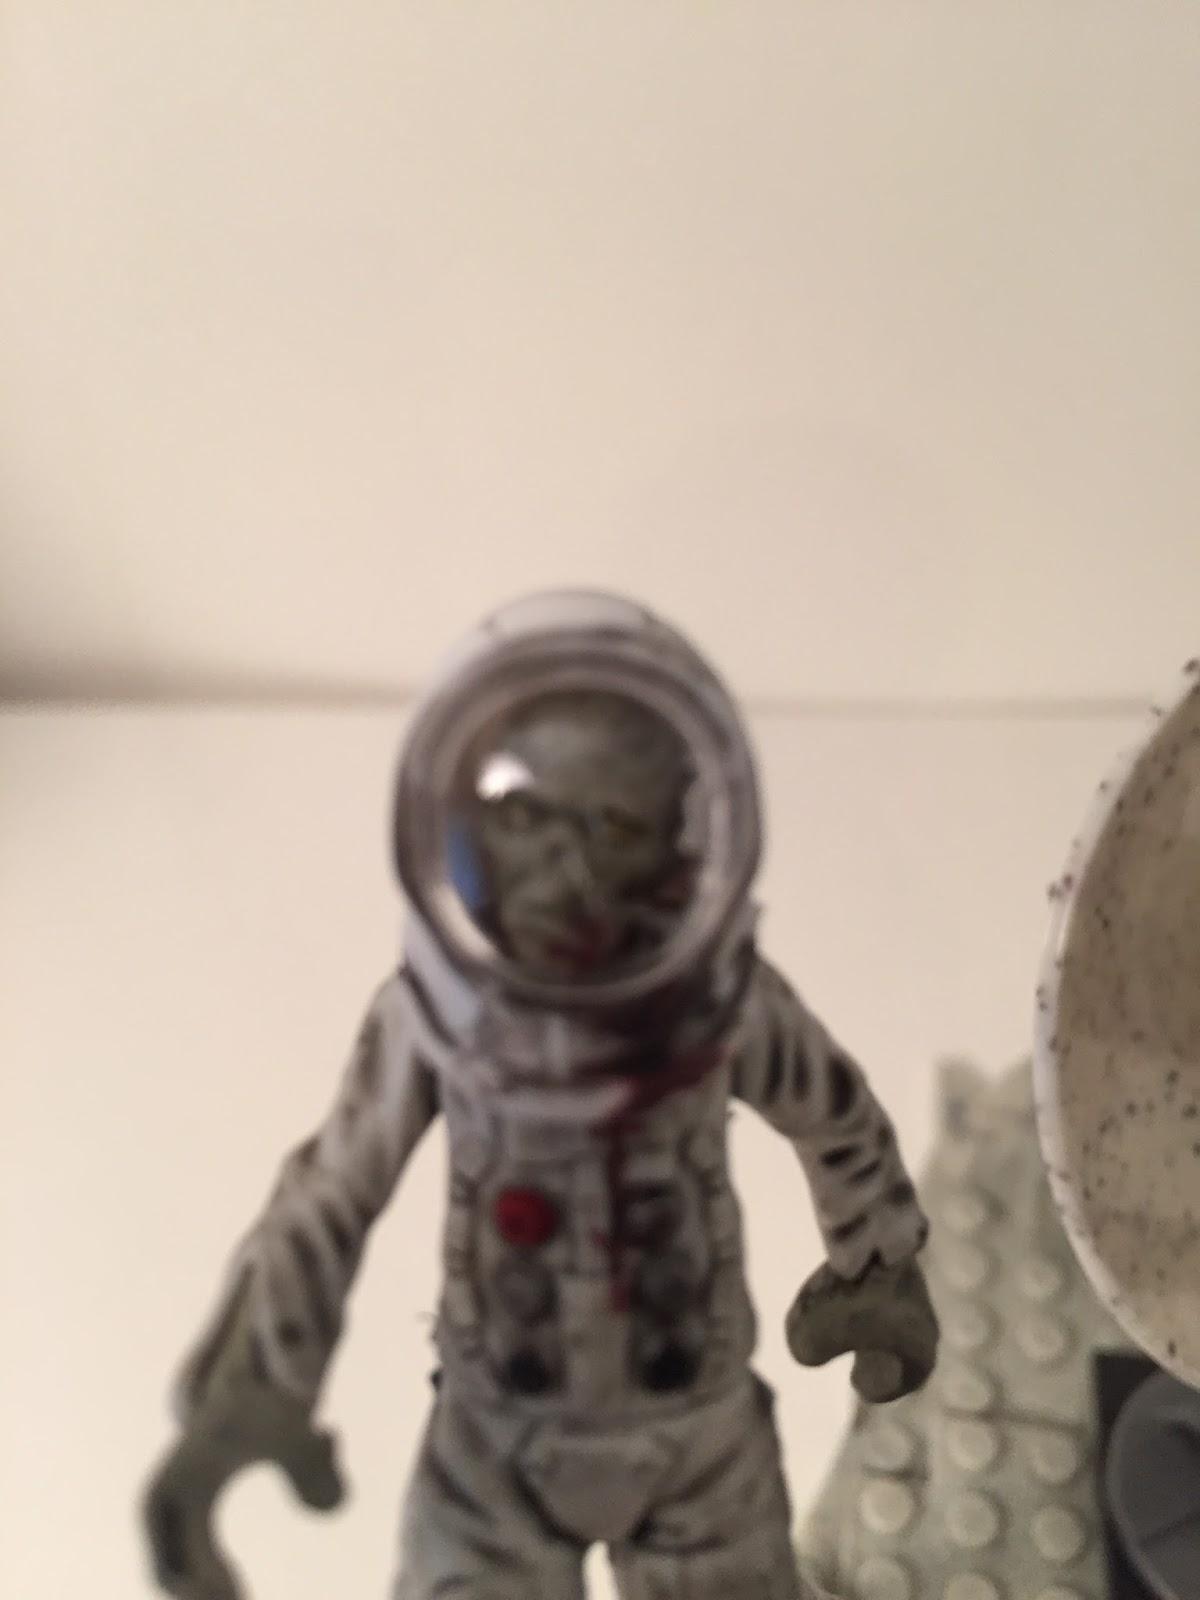 moon base call of duty - photo #29